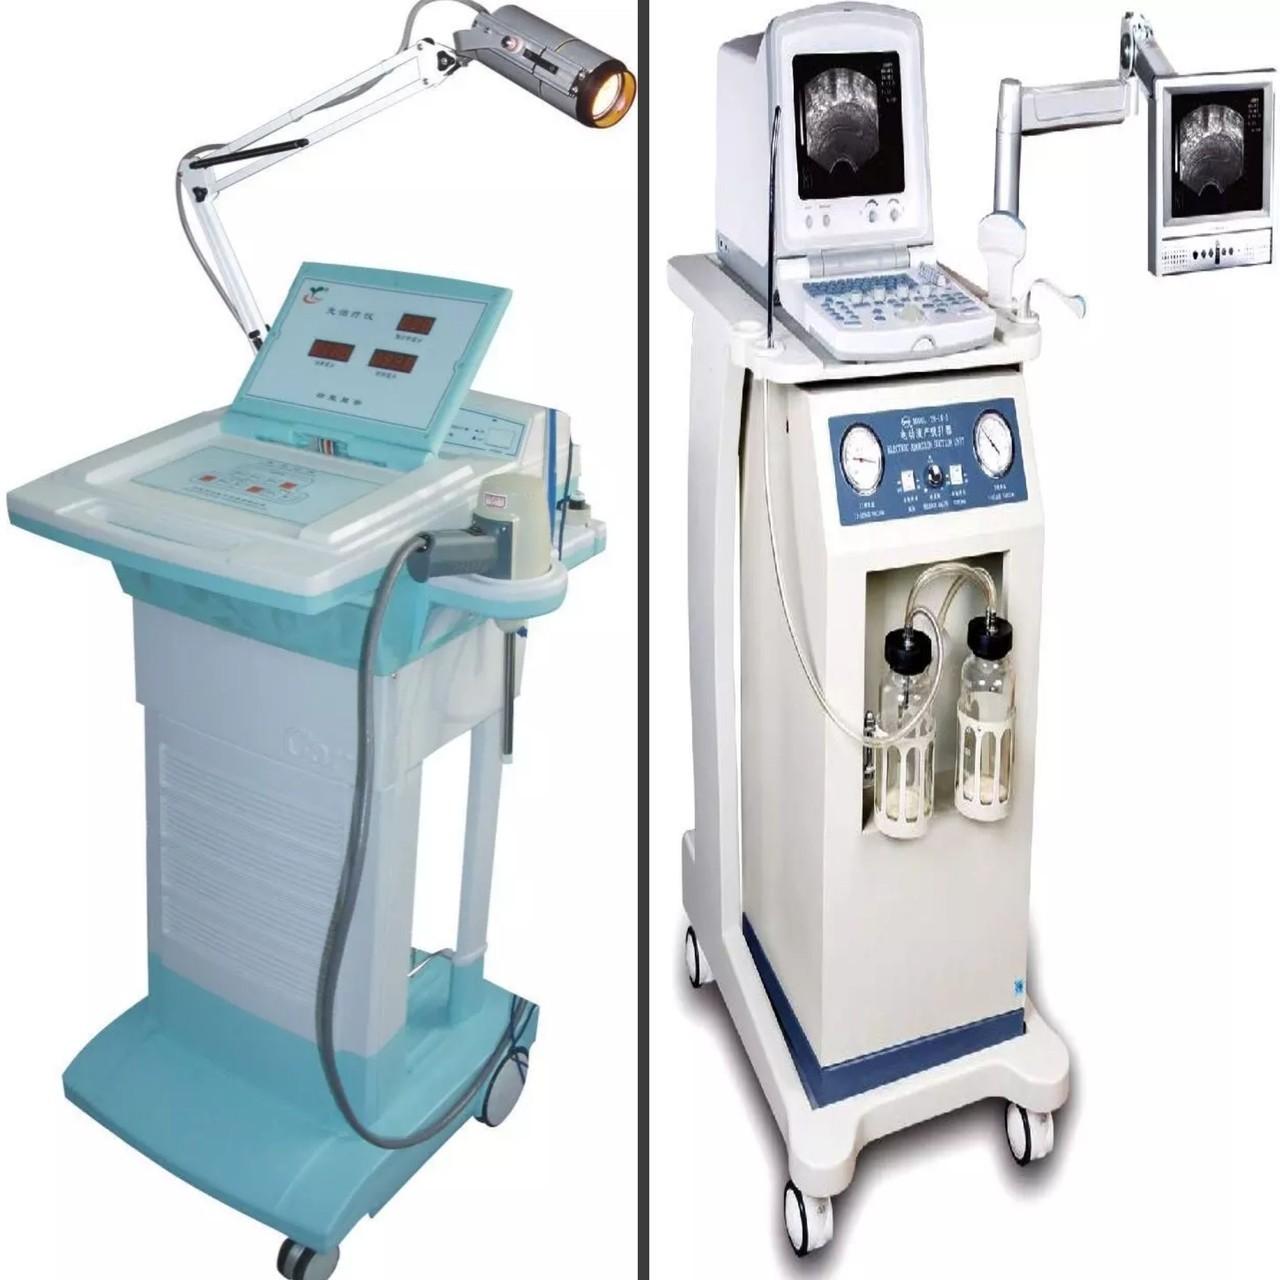 临沭博爱医院 专业男科 、妇科人流、包皮、性功能障碍治疗医院